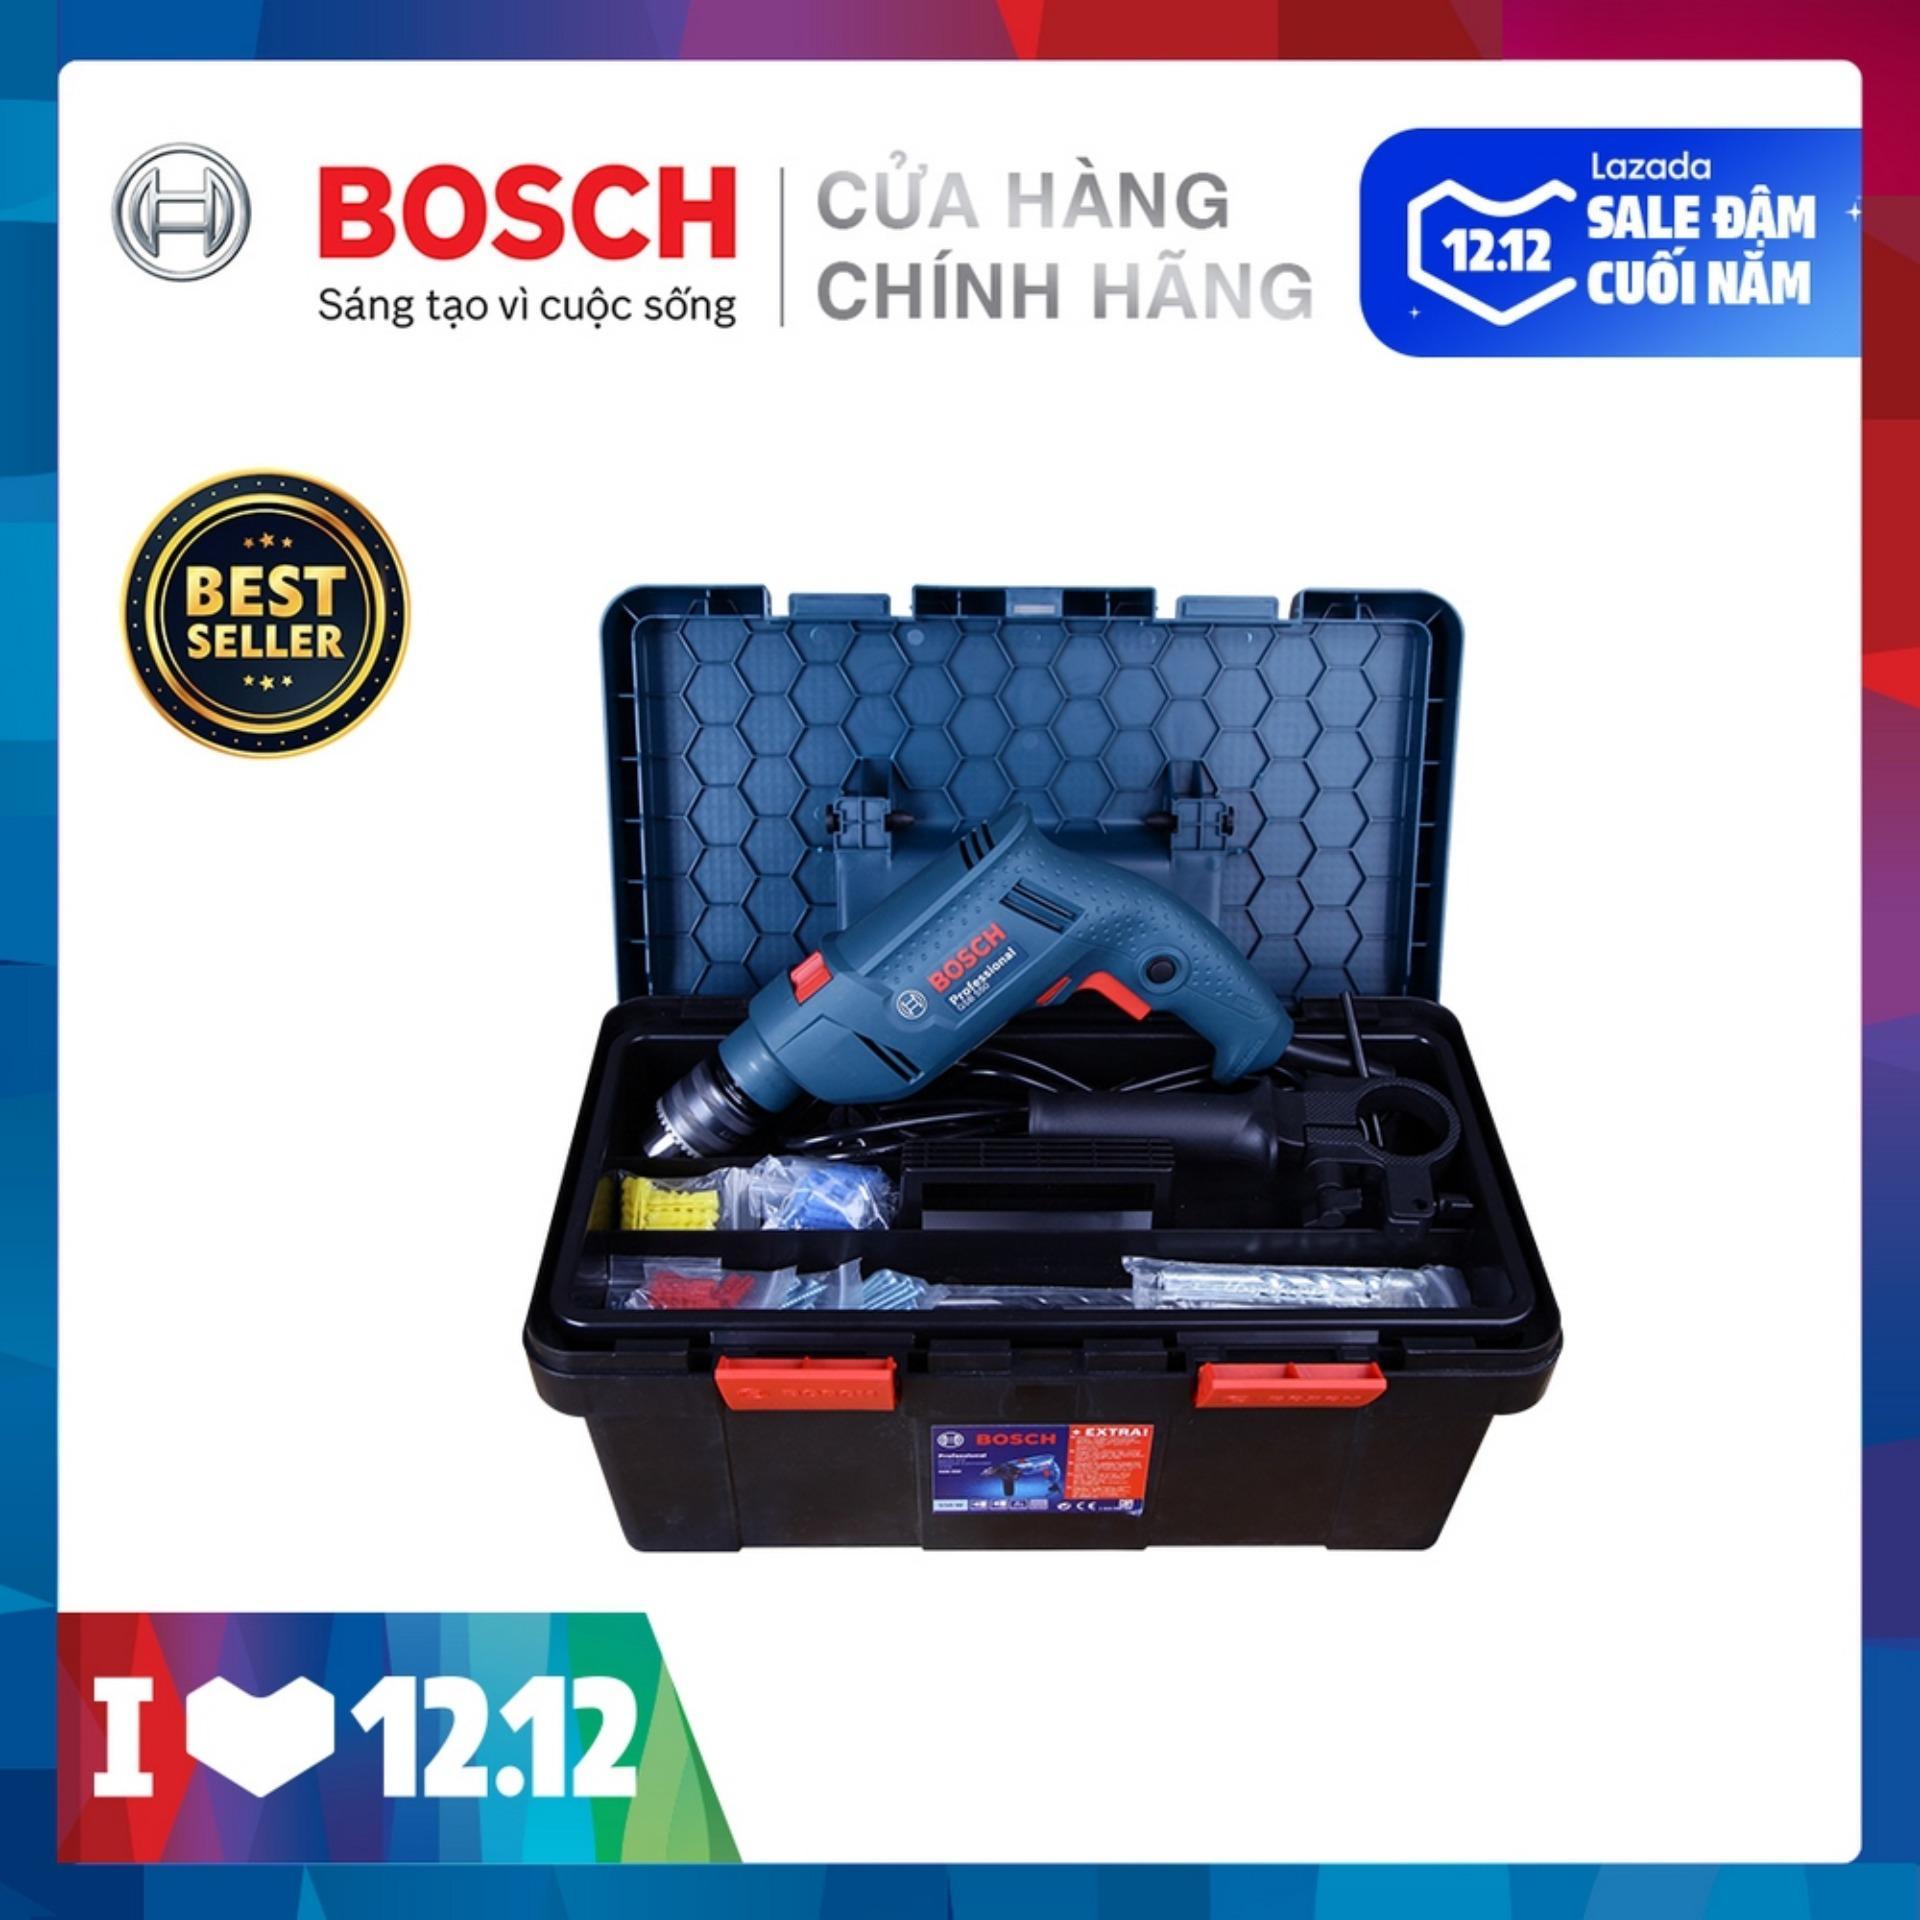 Bộ Máy Khoan động Lực Bosch GSB 550 FREEDOM 90 Chi Tiết Giá Giảm